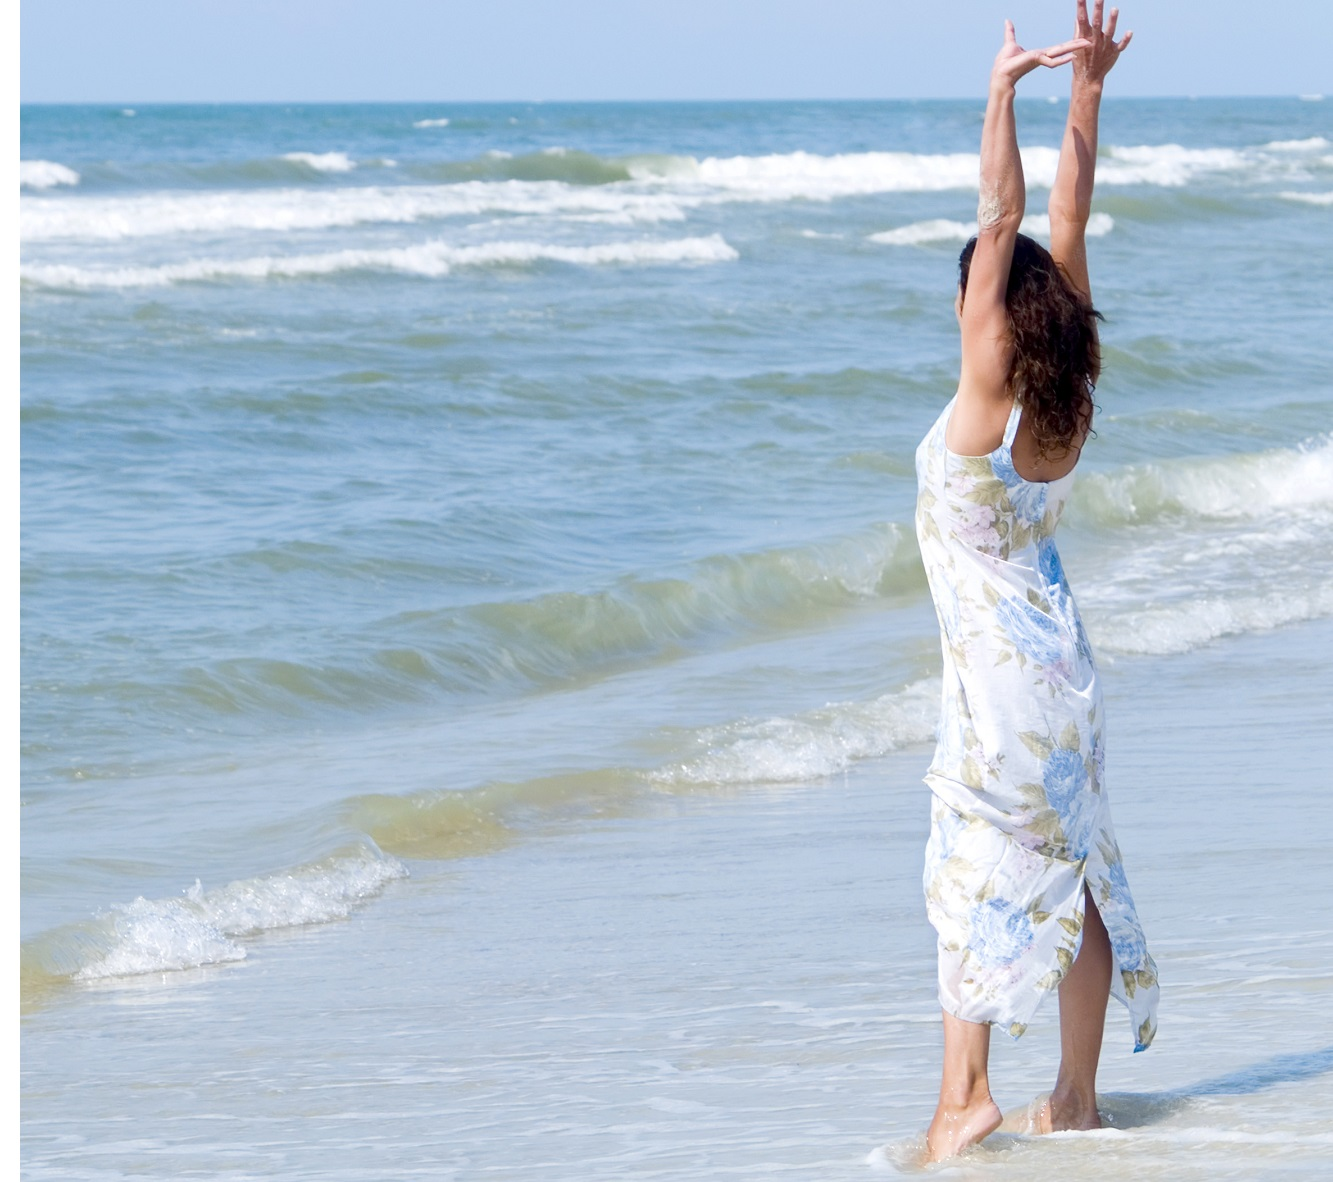 Μελέτες δείχνουν ότι όταν ζείτε κοντά στην θάλασσα βελτιώνεται η ψυχική σας υγεία.